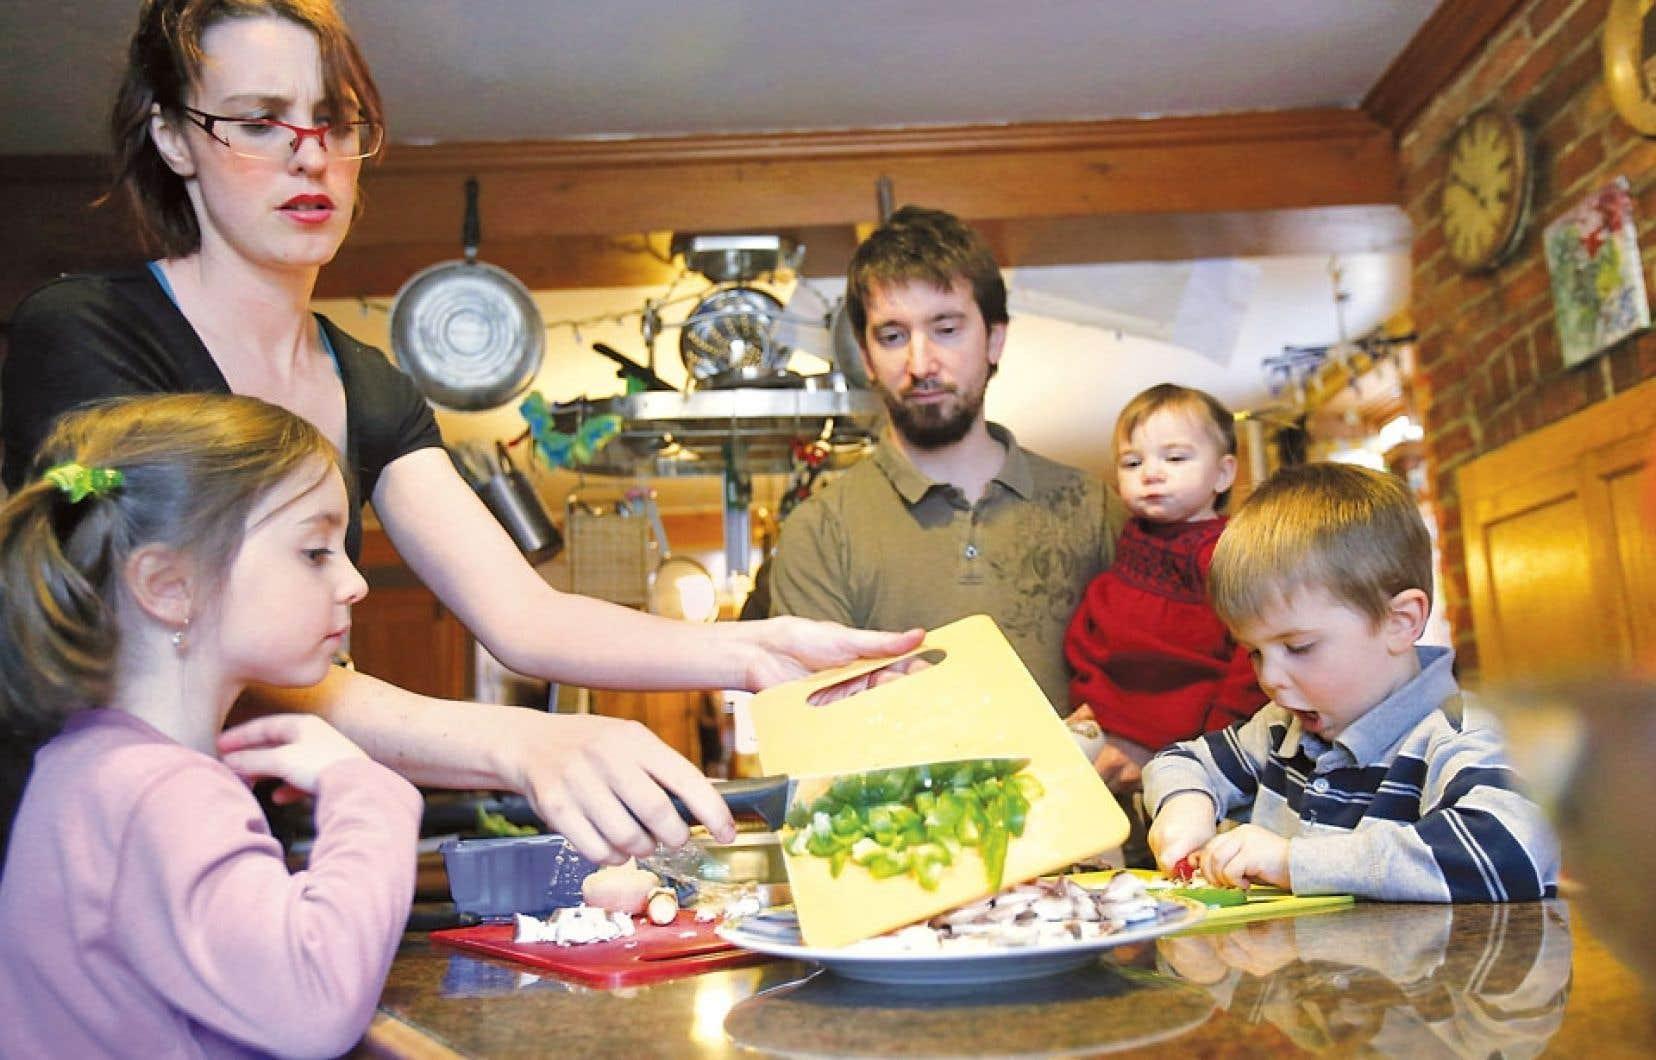 <div> La famille Fiset-Gauvreau de Québec. Le père Jean-Michel, la mère Marie-Ève, l'aînée Maya, Charles, et la petite Blanche.</div>